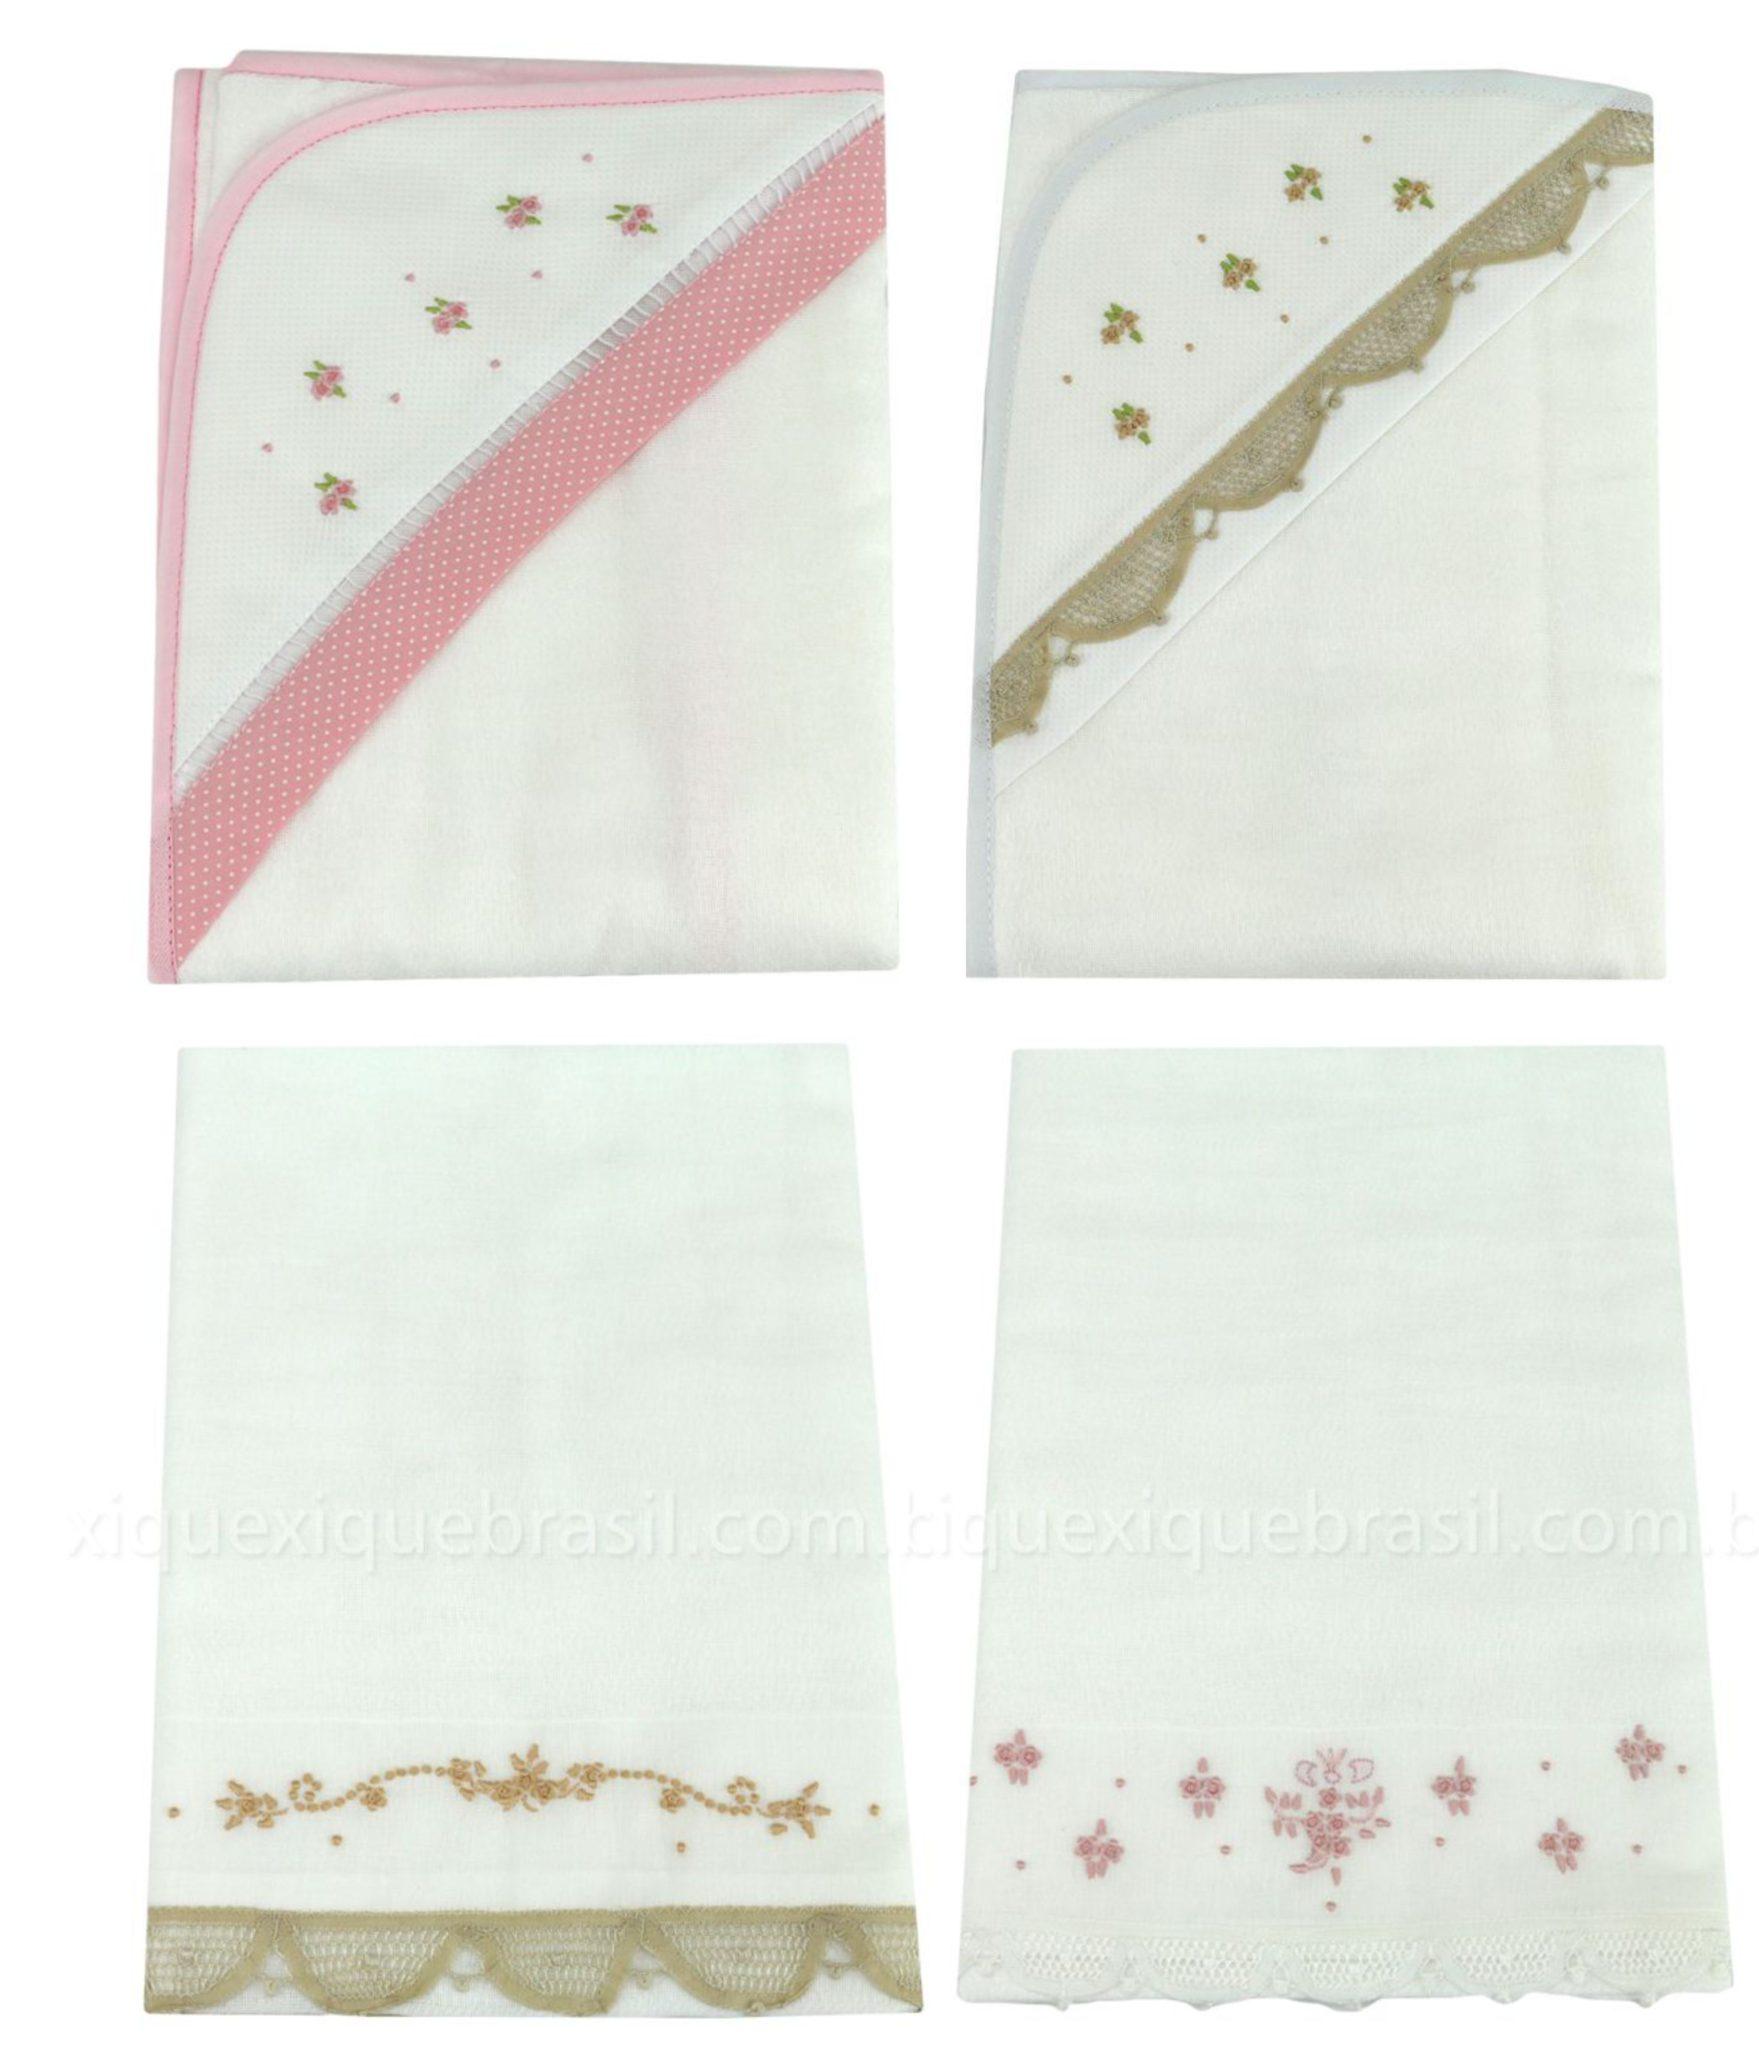 Toalhas de banho para enxoval de bebê floral